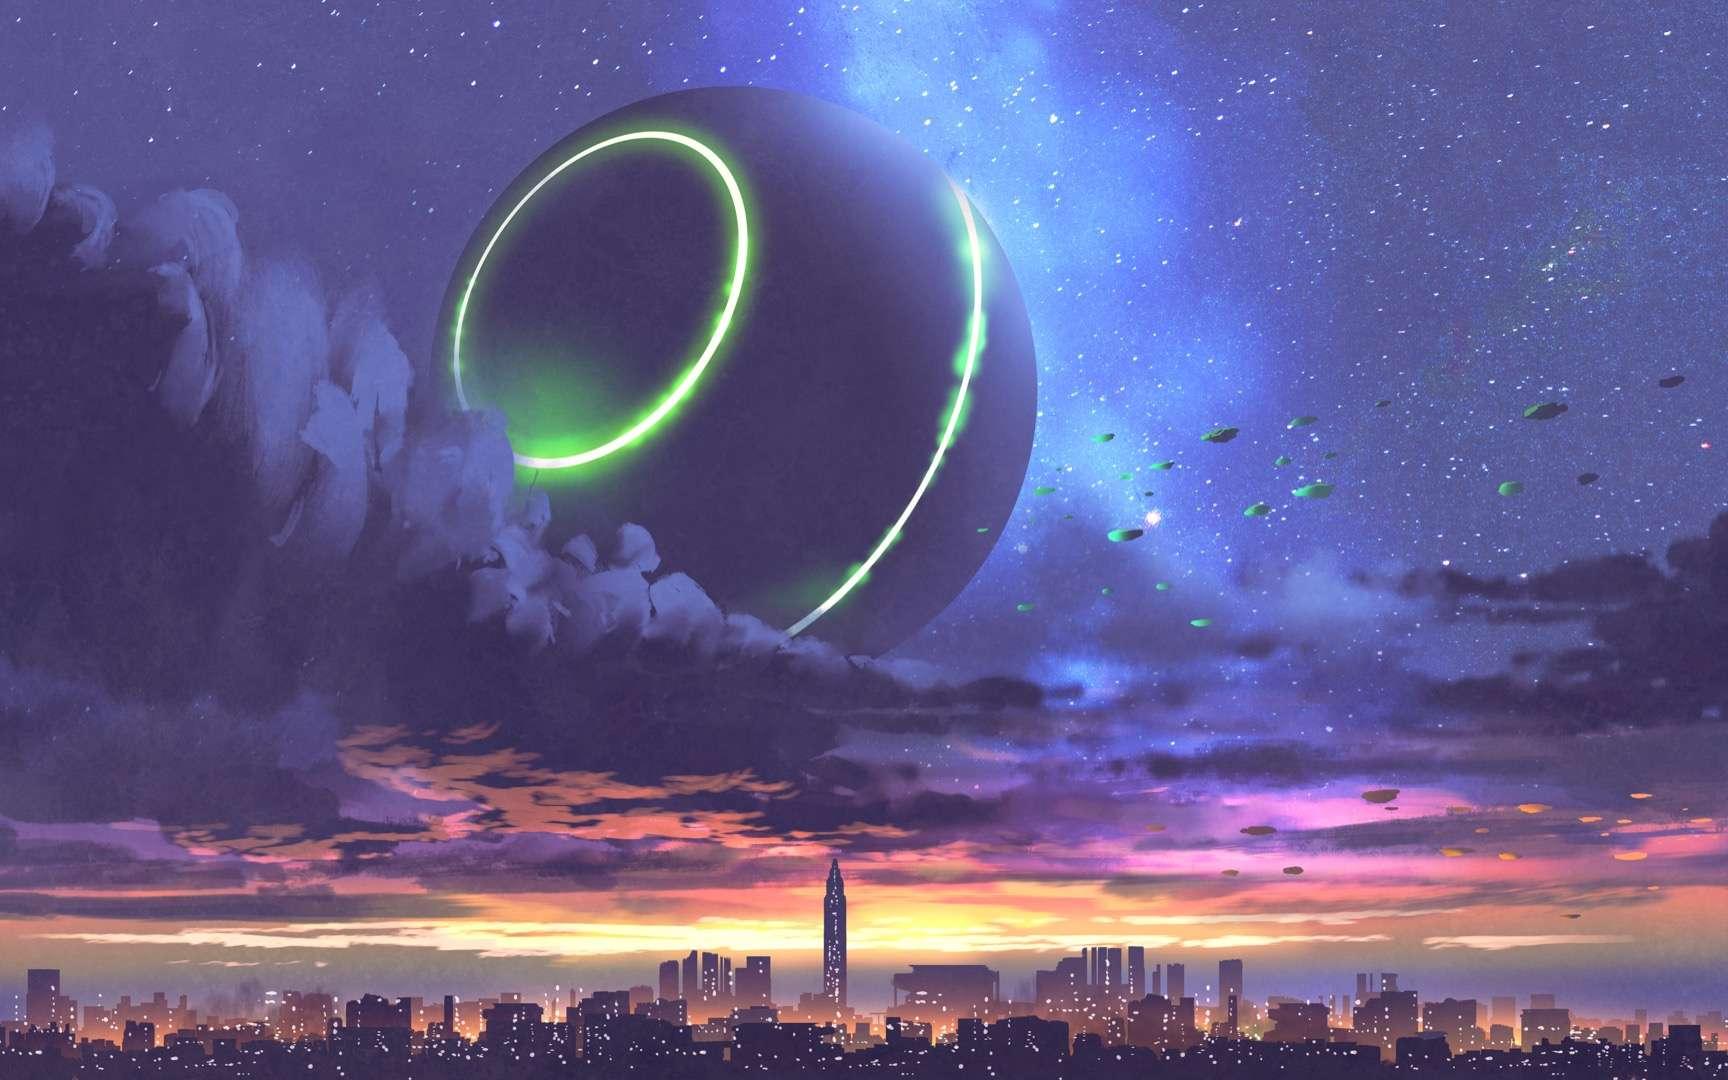 Les habitants de la Terre sont outrés : personne ne les a prévenus que leur planète allait être rasée ! © Grandfailure, Adobe Stock